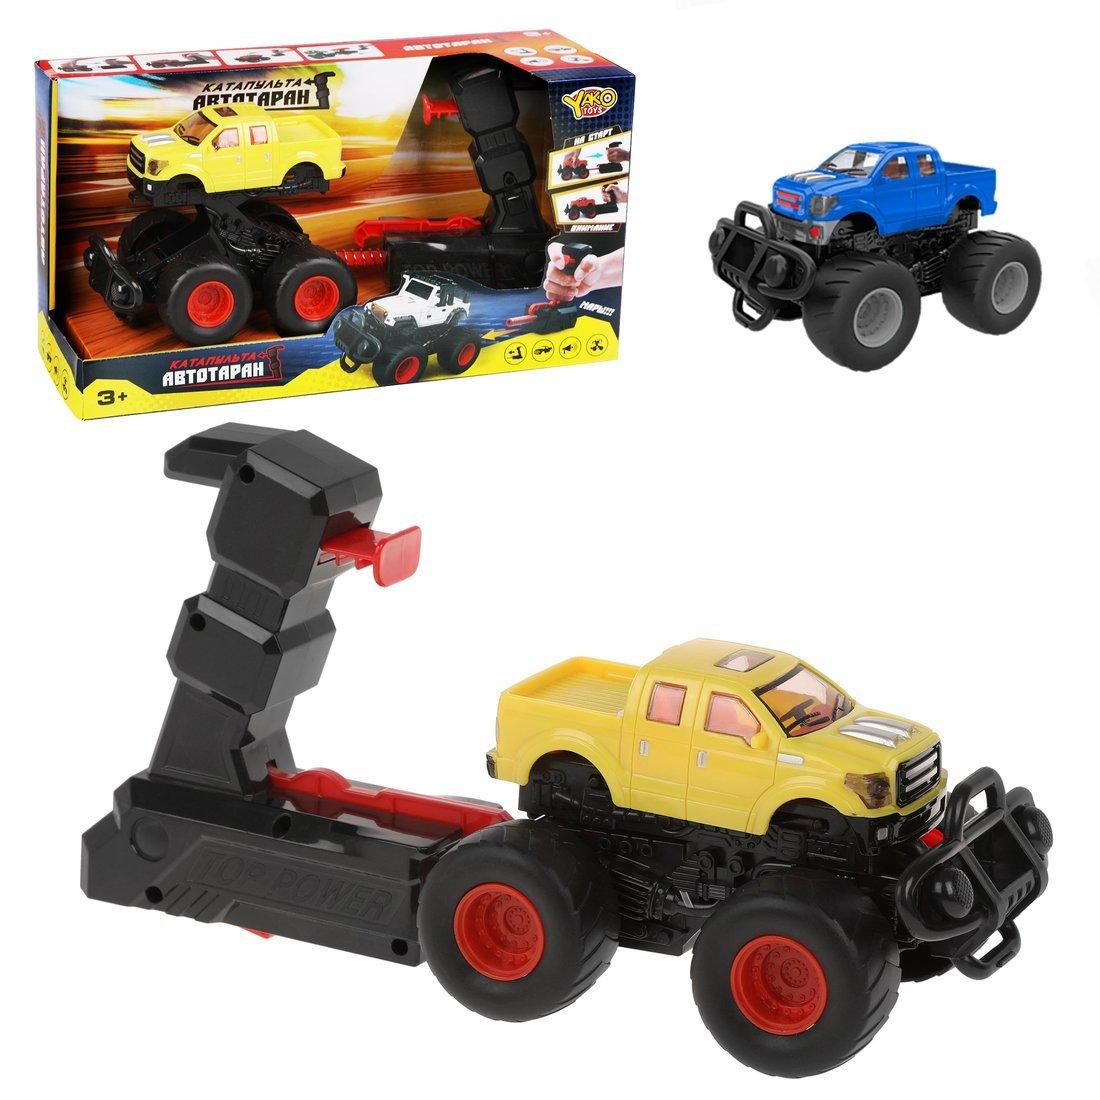 Купить Игровой набор Наша Игрушка Автотаран, устройство для запуска, звук M0297-25, Наша игрушка,